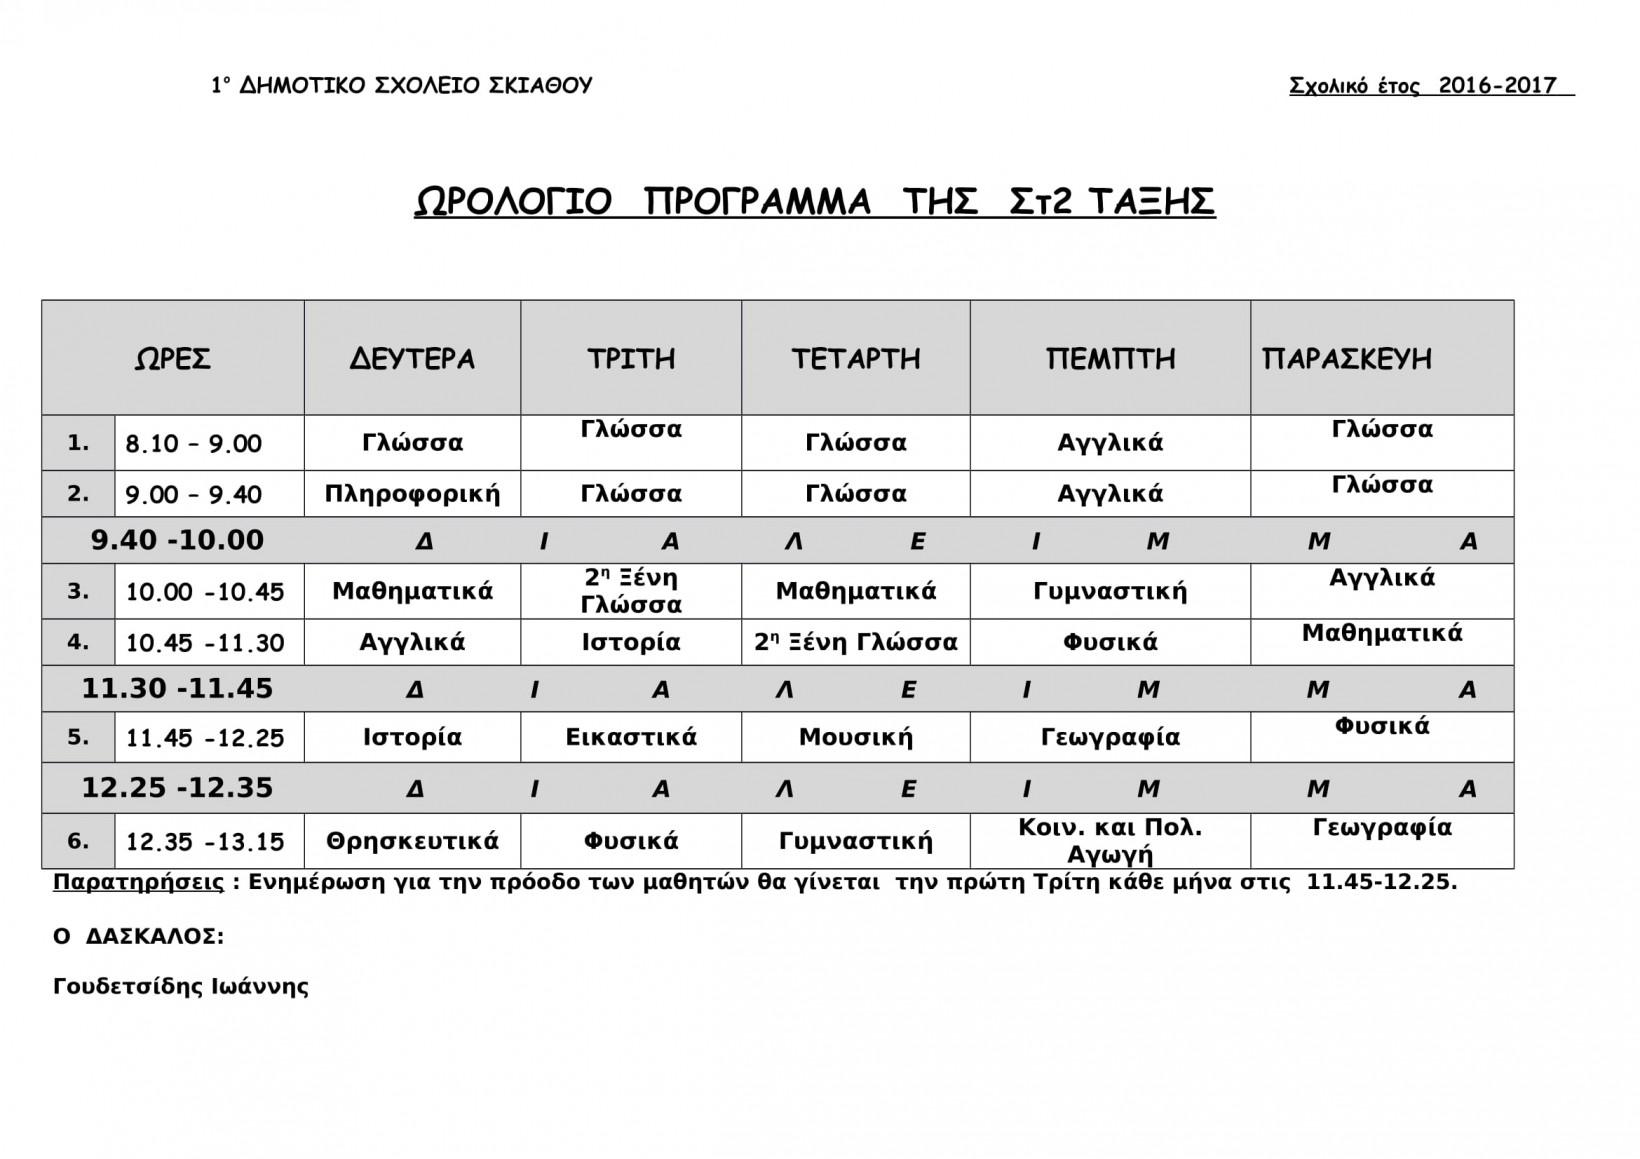 ΩΡΟΛΟΓΙΟ-ΠΡΟΓΡΑΜΜΑ-Στ2-1